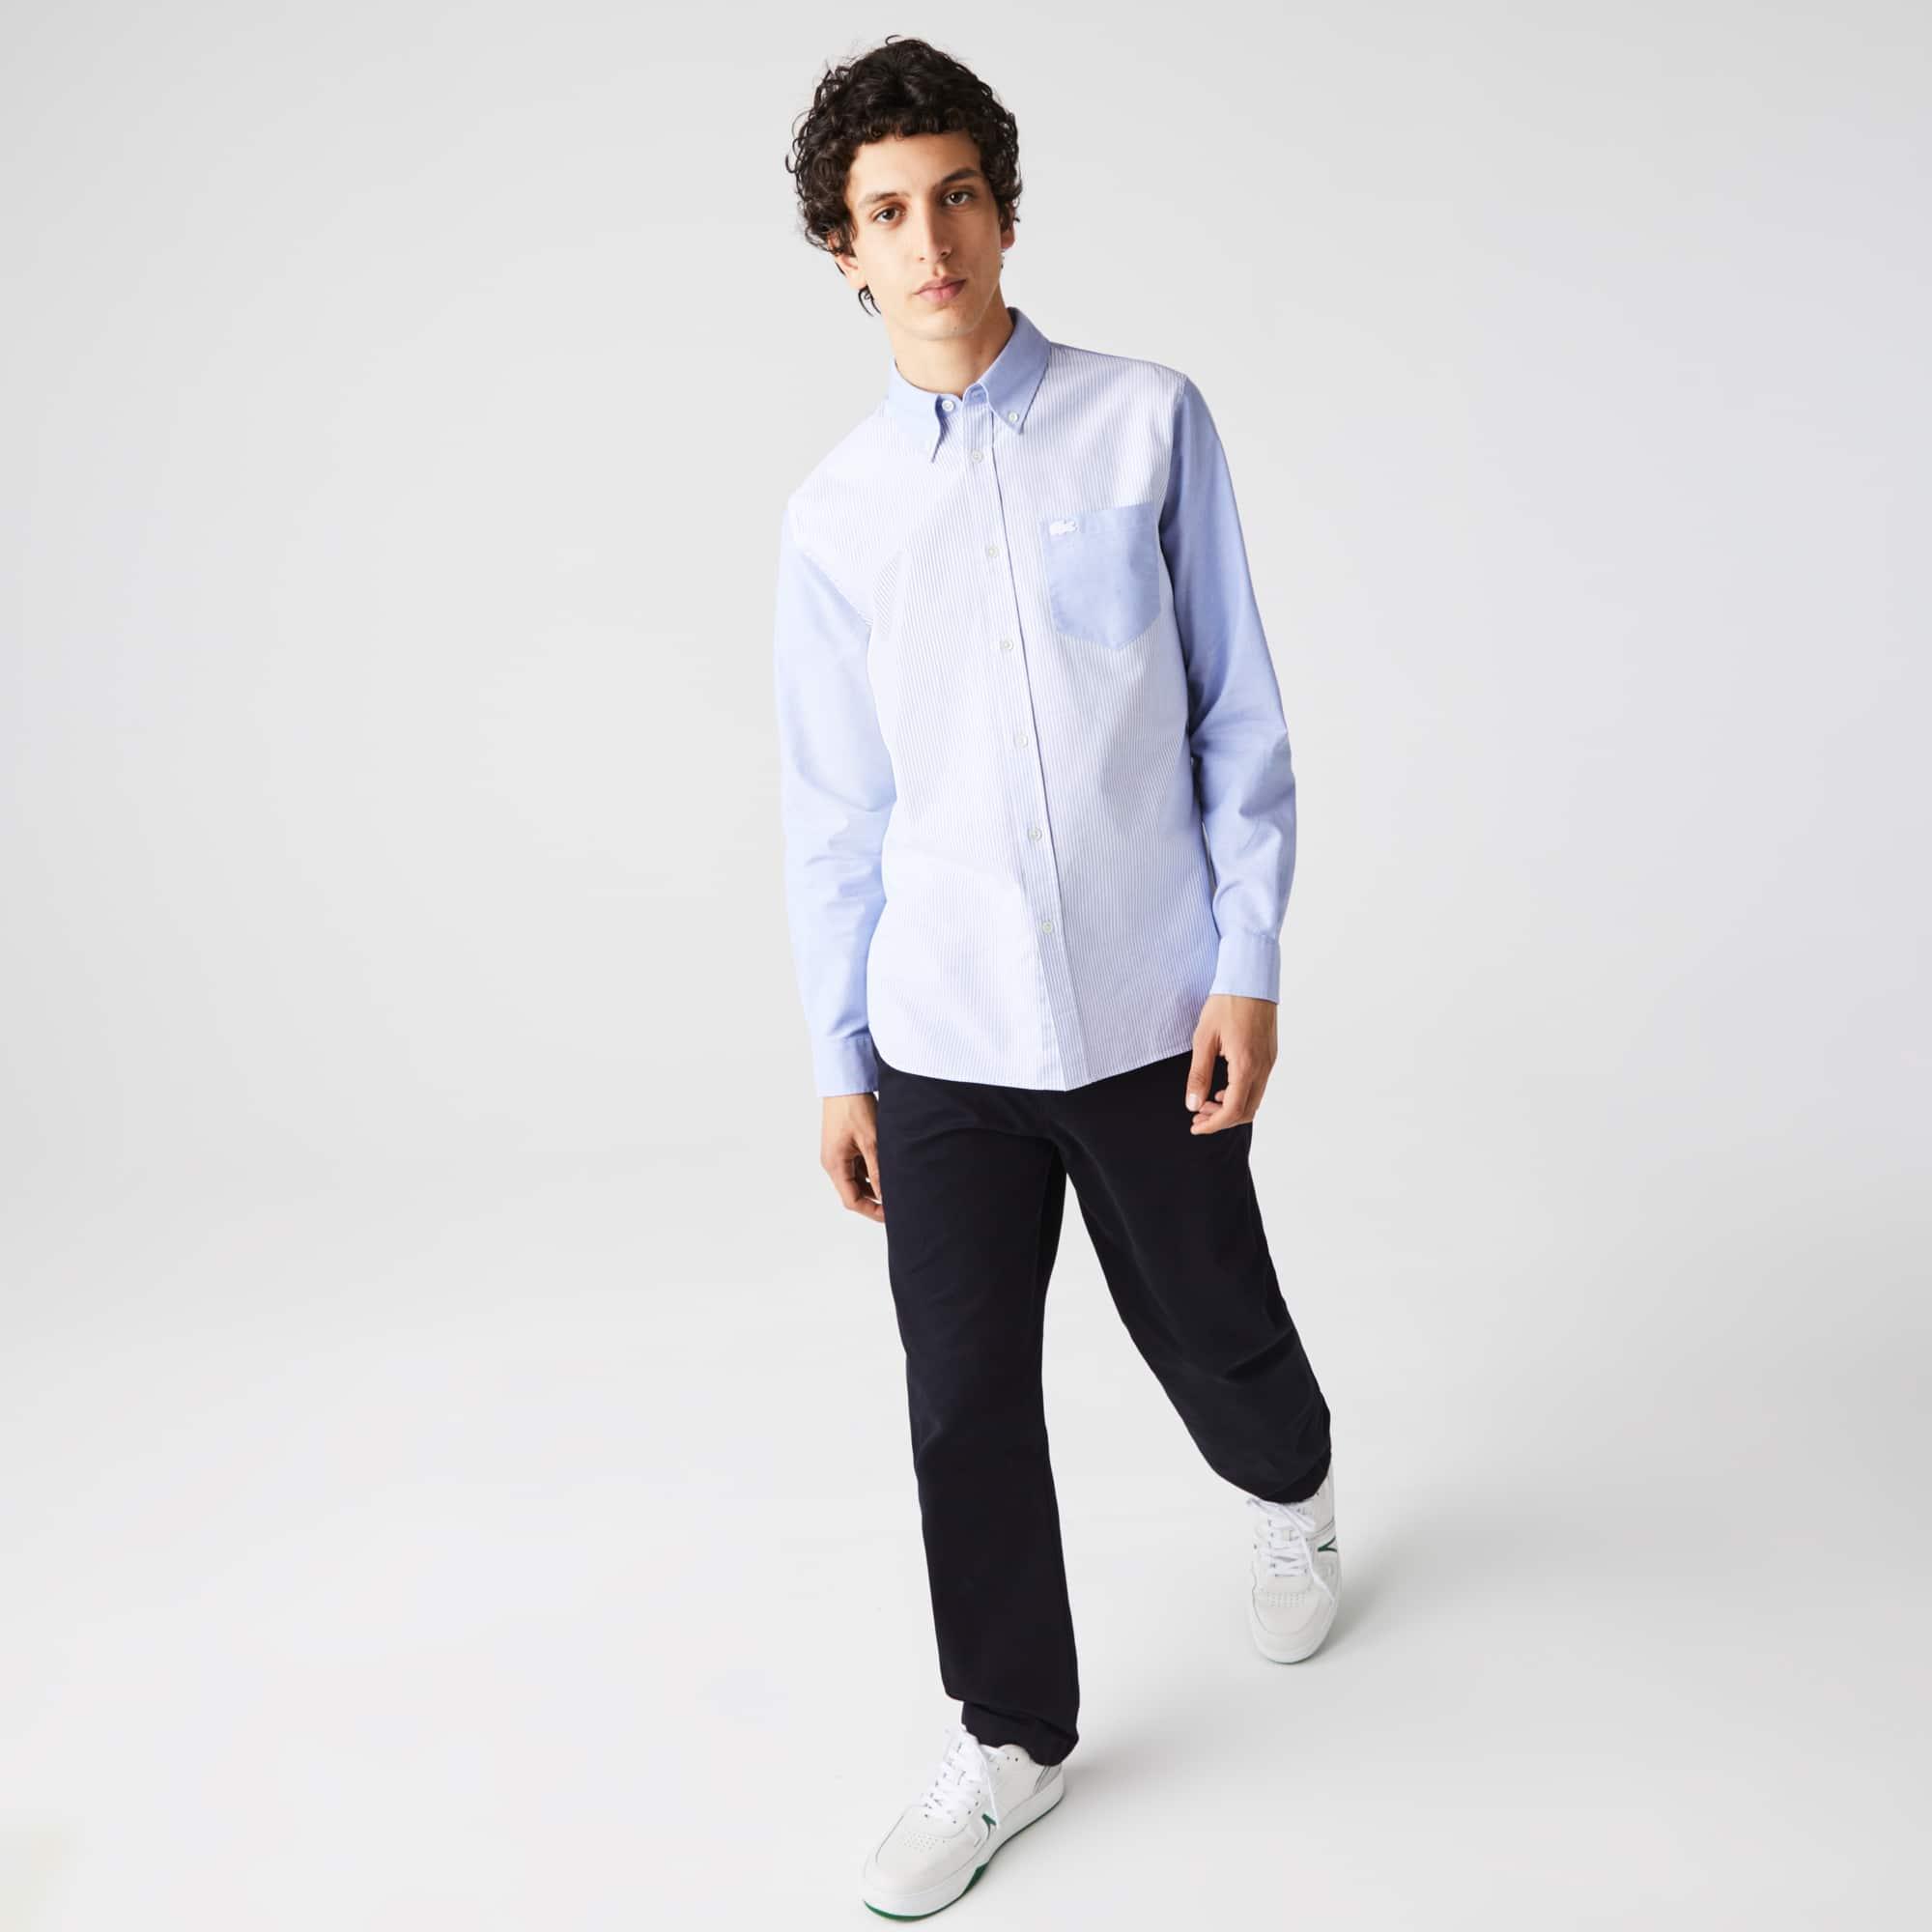 라코스테 맨 헤리티지 패치워크 옥스포드 셔츠 Lacoste Men's Heritage Regular Fit Patchwork Striped Oxford Cotton Shirt,White / Blue F6Z